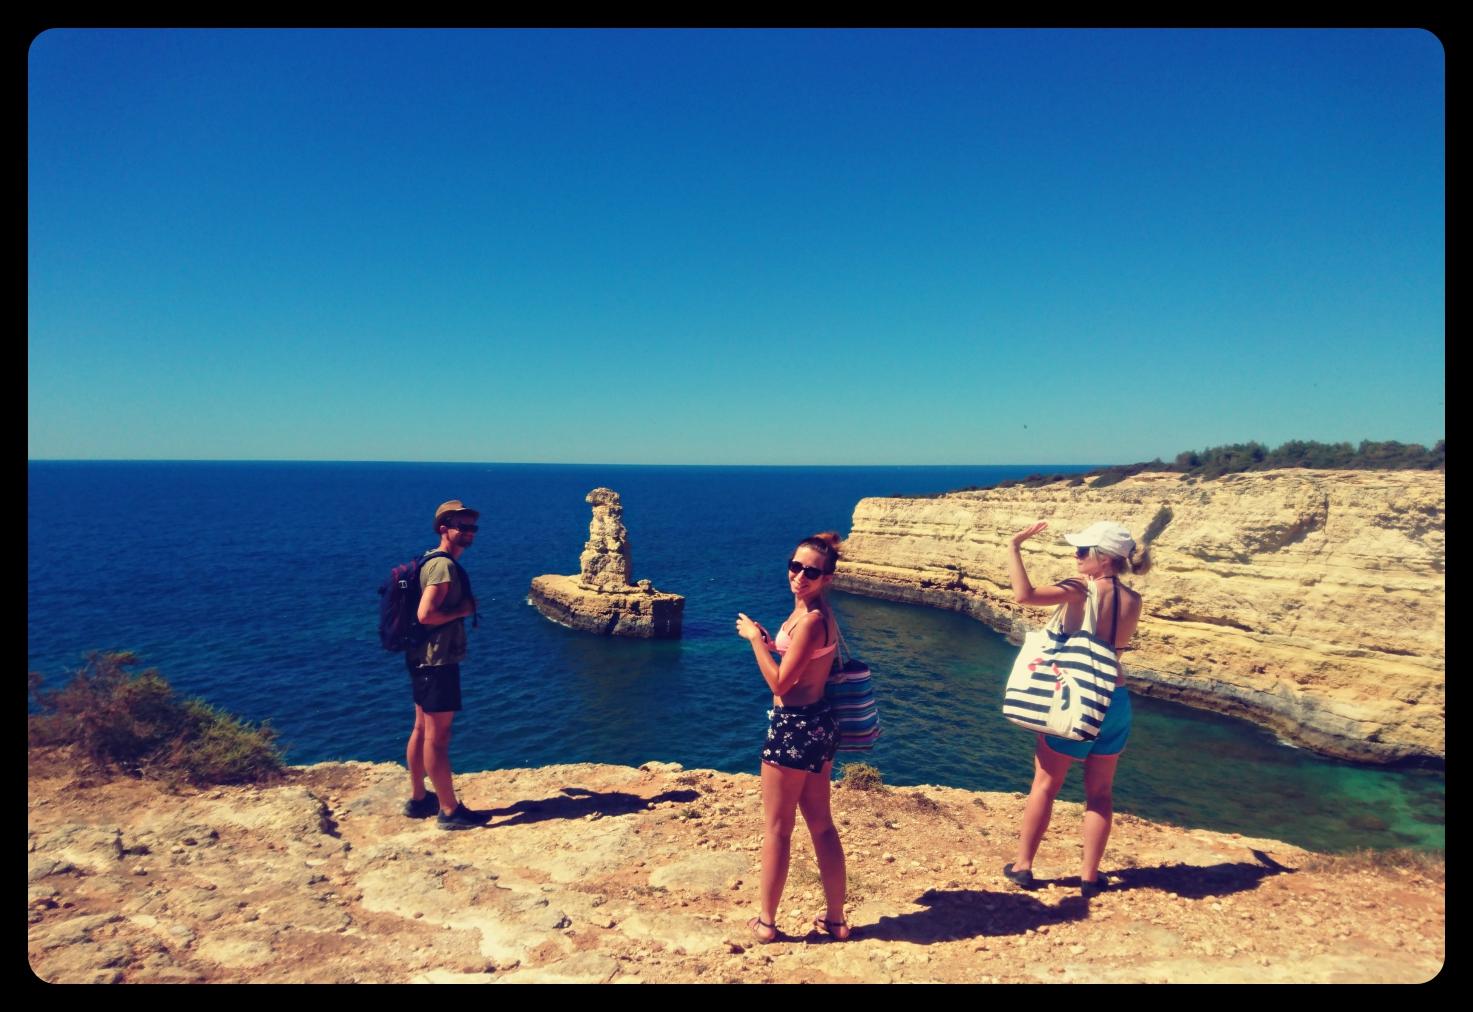 Trekking on the cliffs